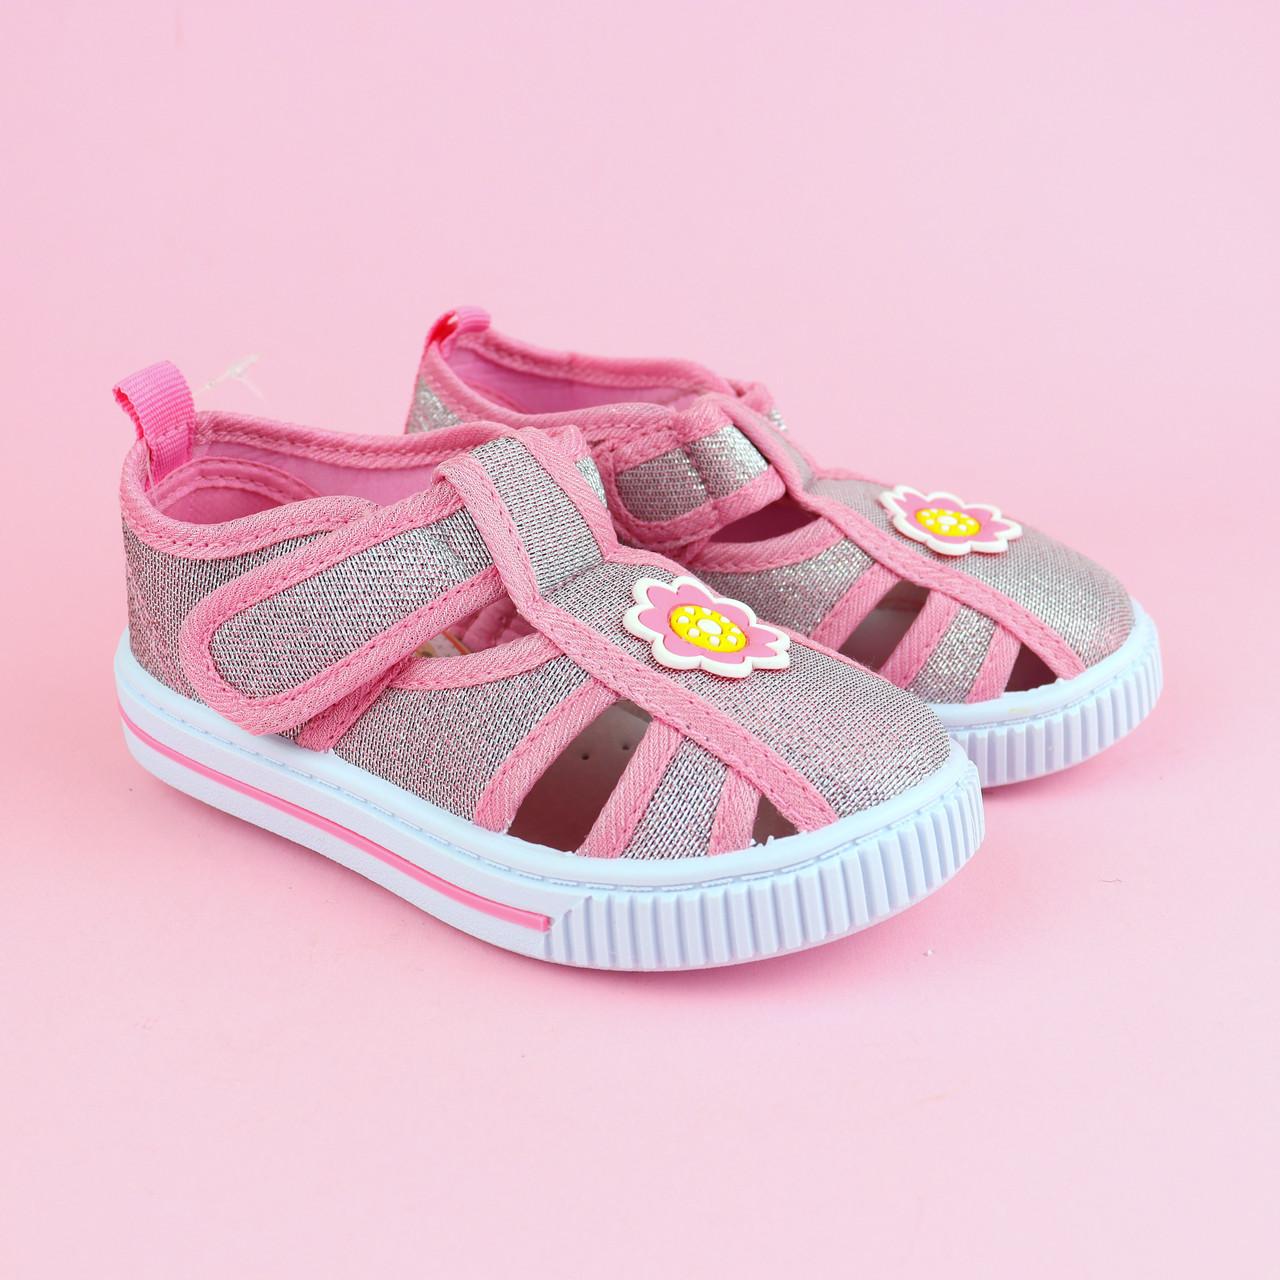 Кеди на дівчинку рожеві серія дитячої текстильної взуття тм Тому.м розмір 22,23,24,25